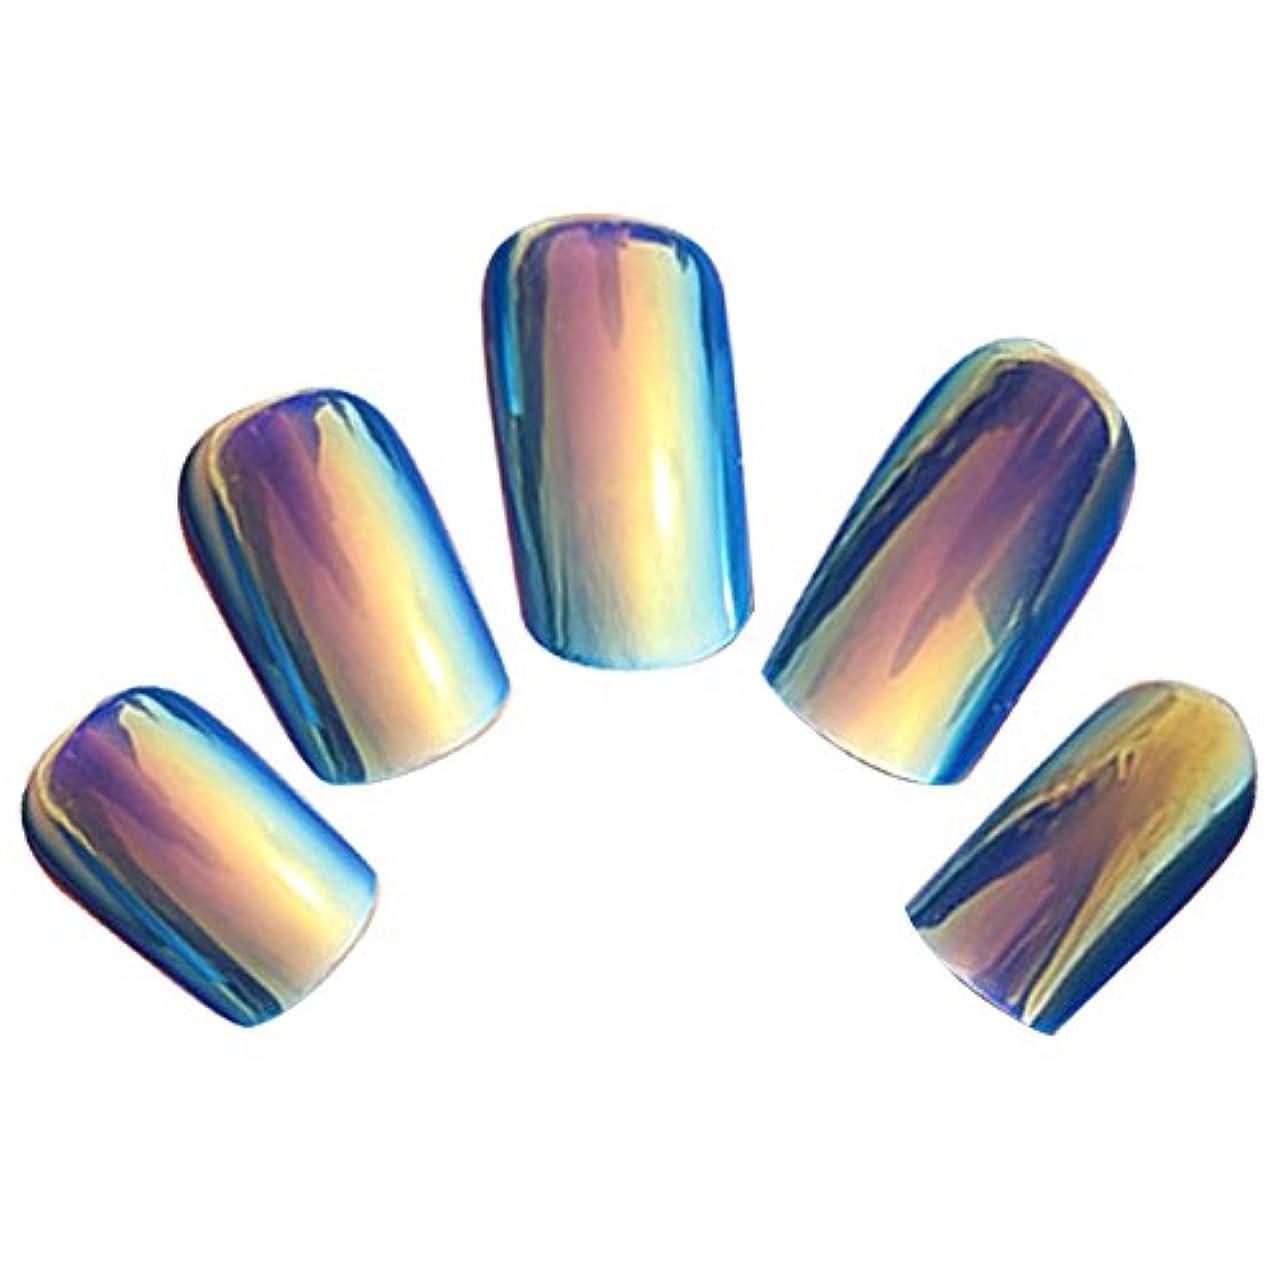 ローラーリーダーシップルートゴシレ Gosear 24 個 12 サイズ ネイルチップ 人工偽爪のヒント 青色